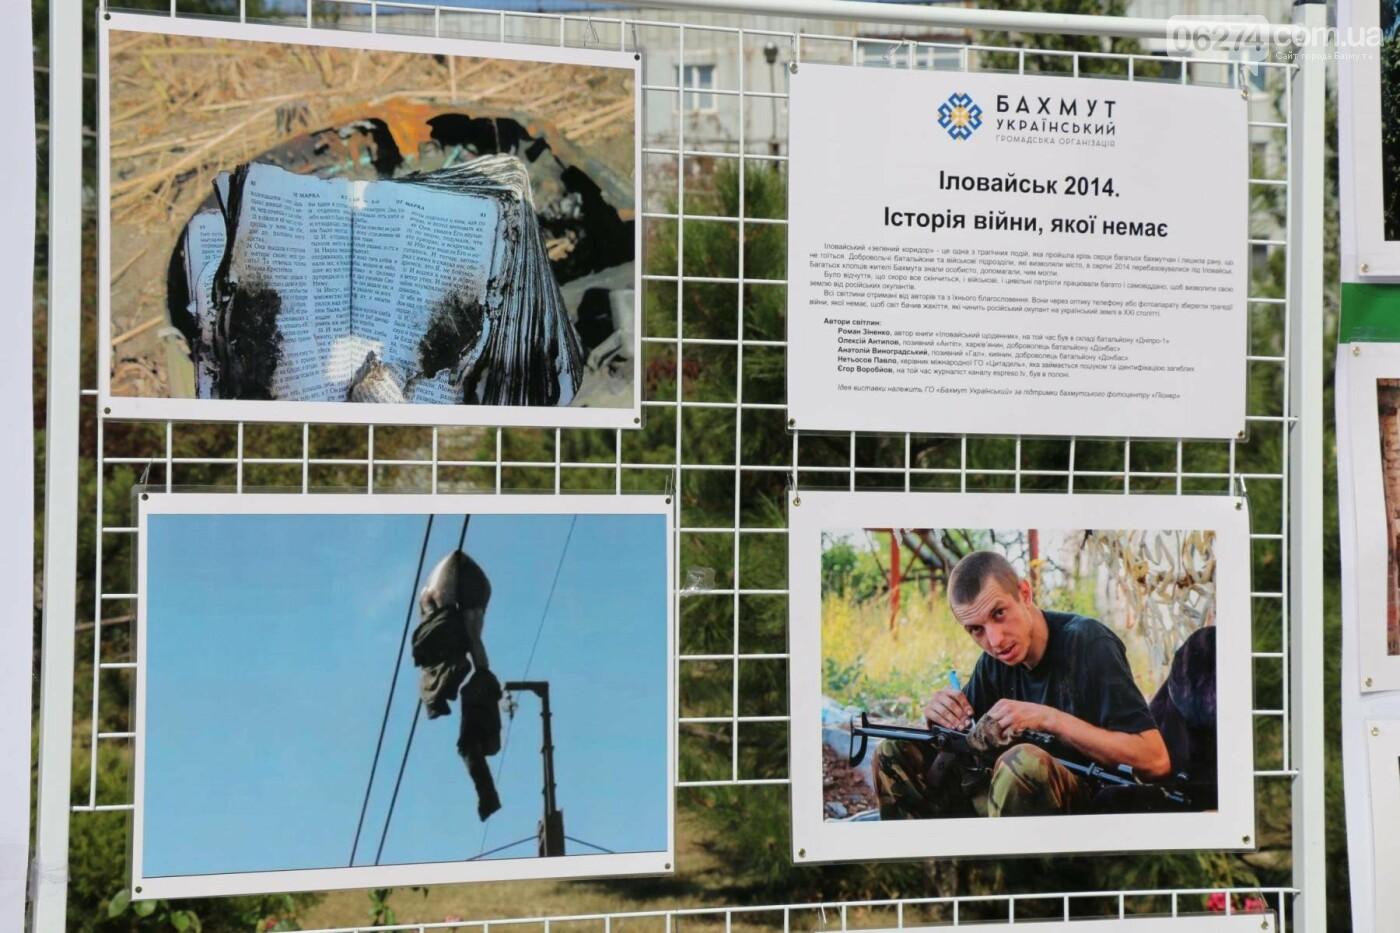 В Бахмуте почтили память жертв Иловайской трагедии, фото-4